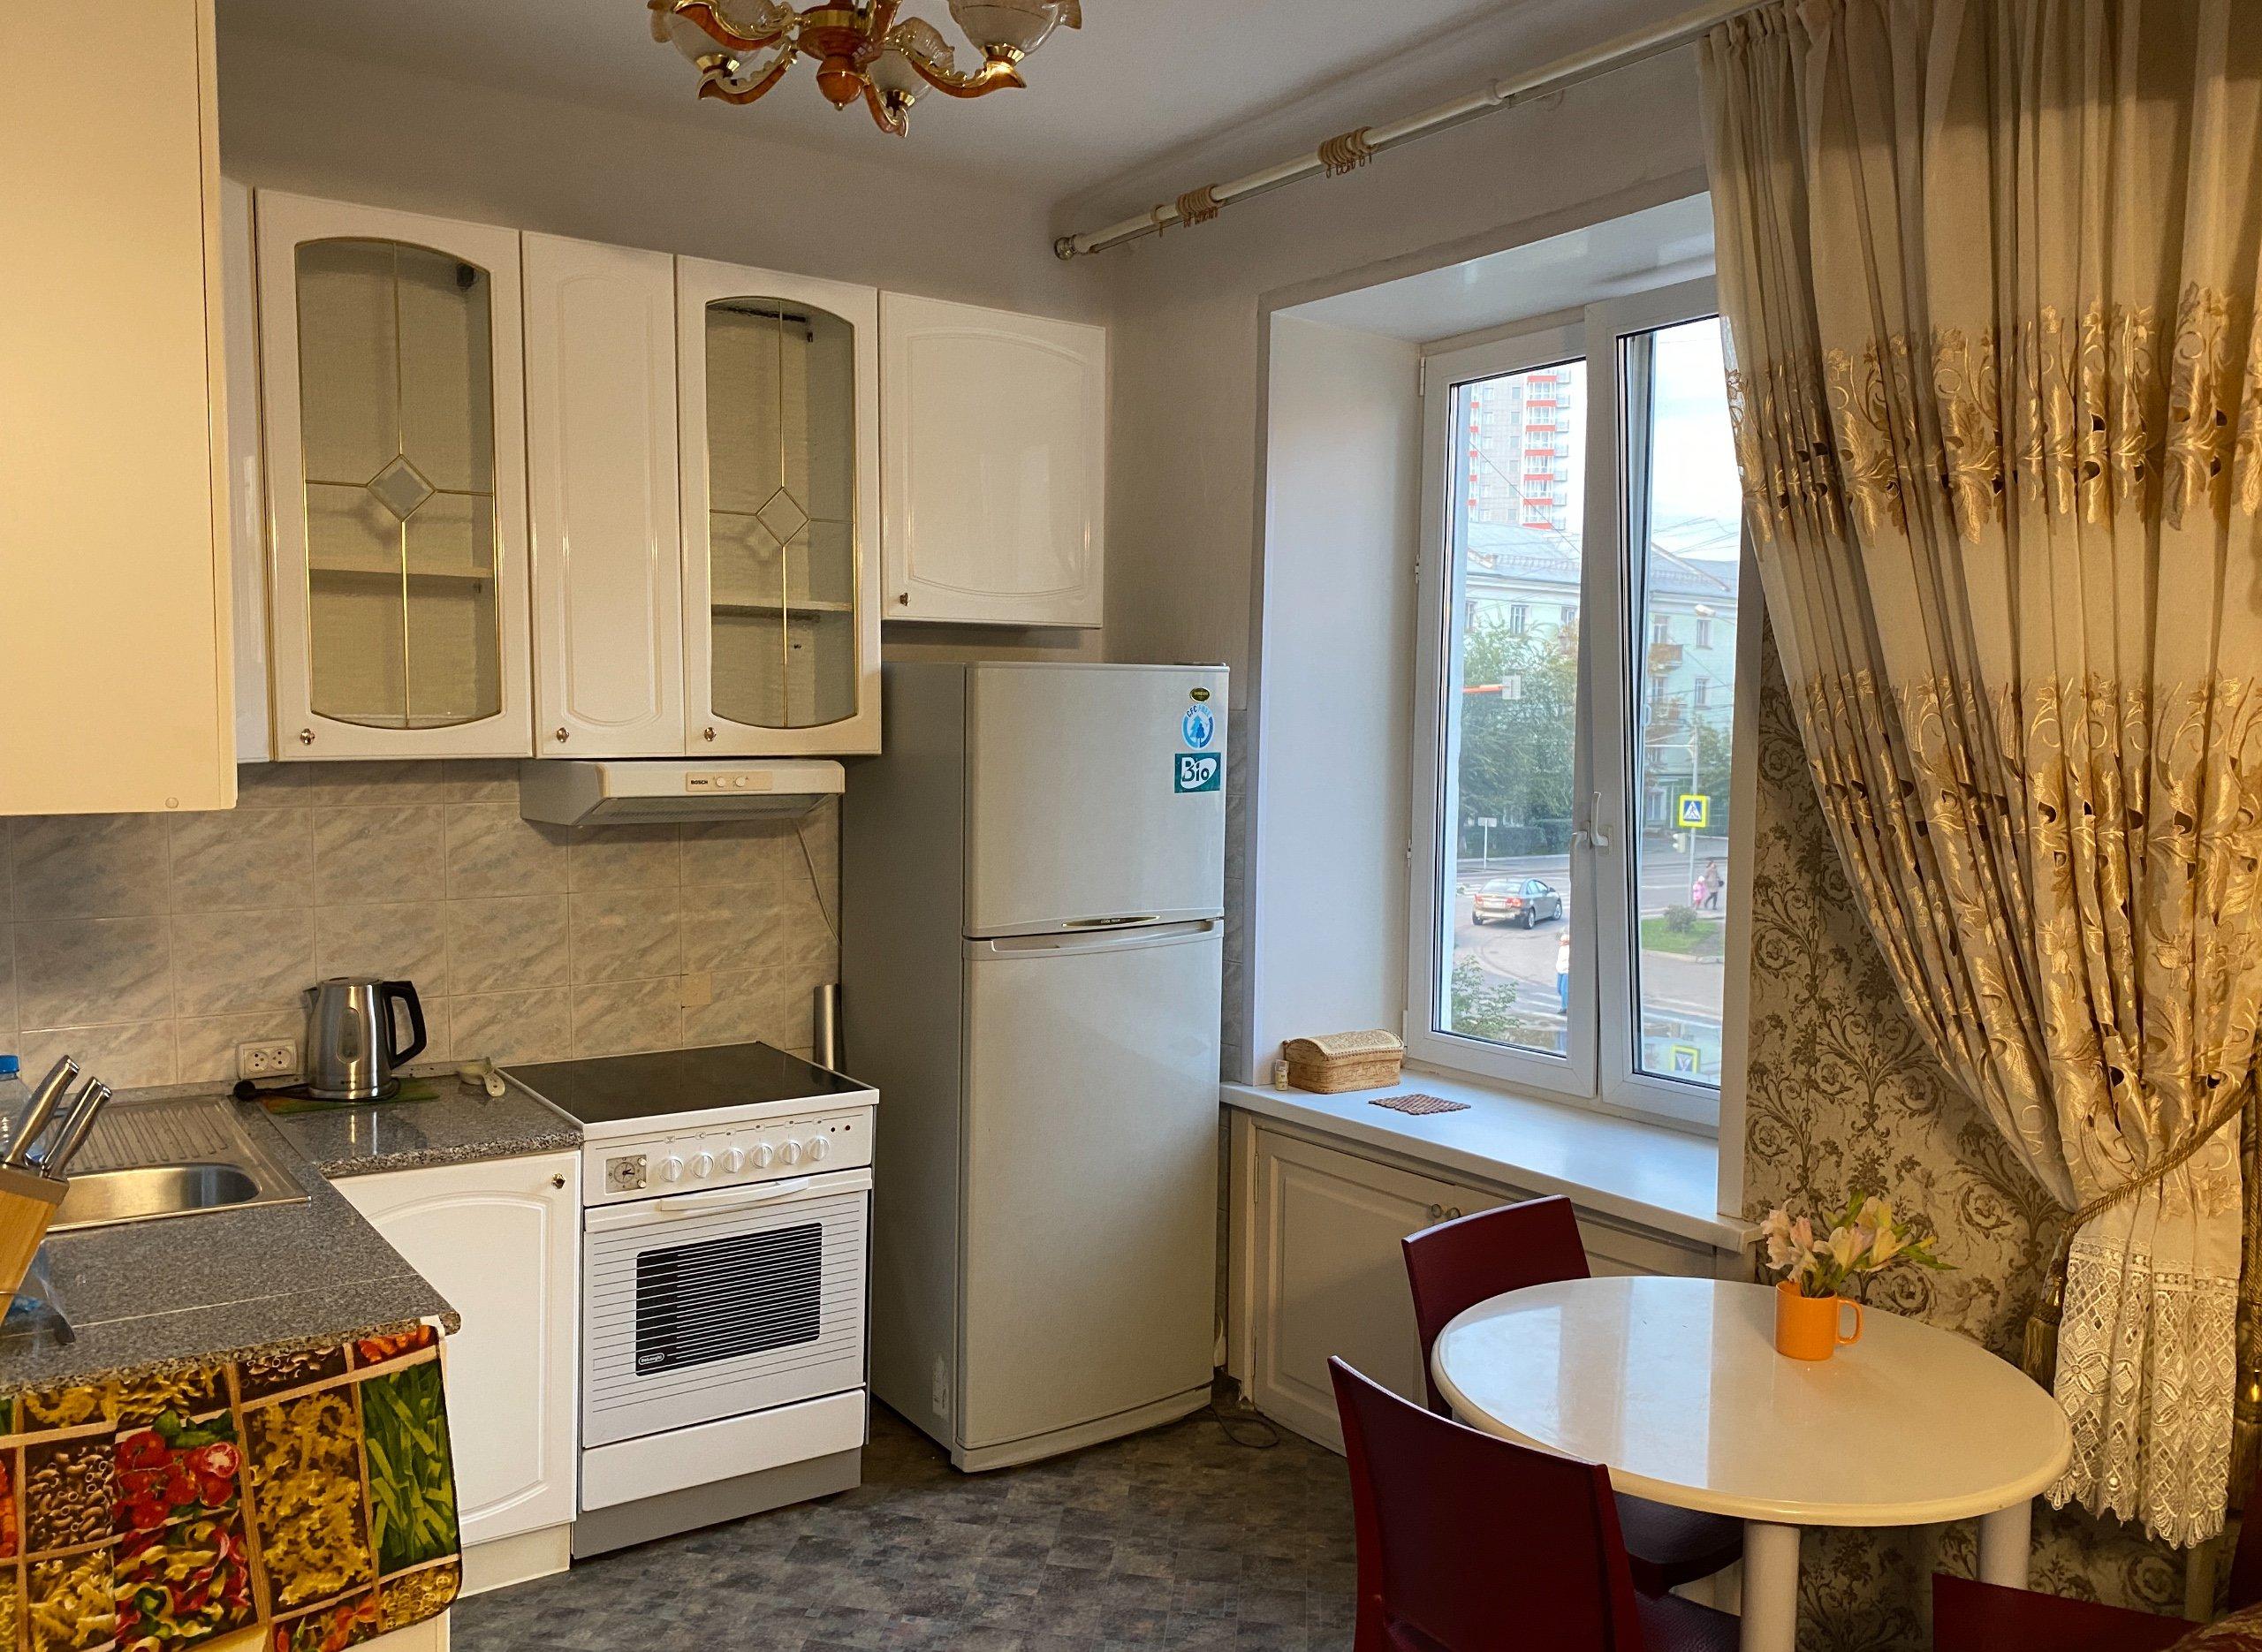 3к квартира ул Академика Вавилова, д 31 | 25000 | аренда в Красноярске фото 2